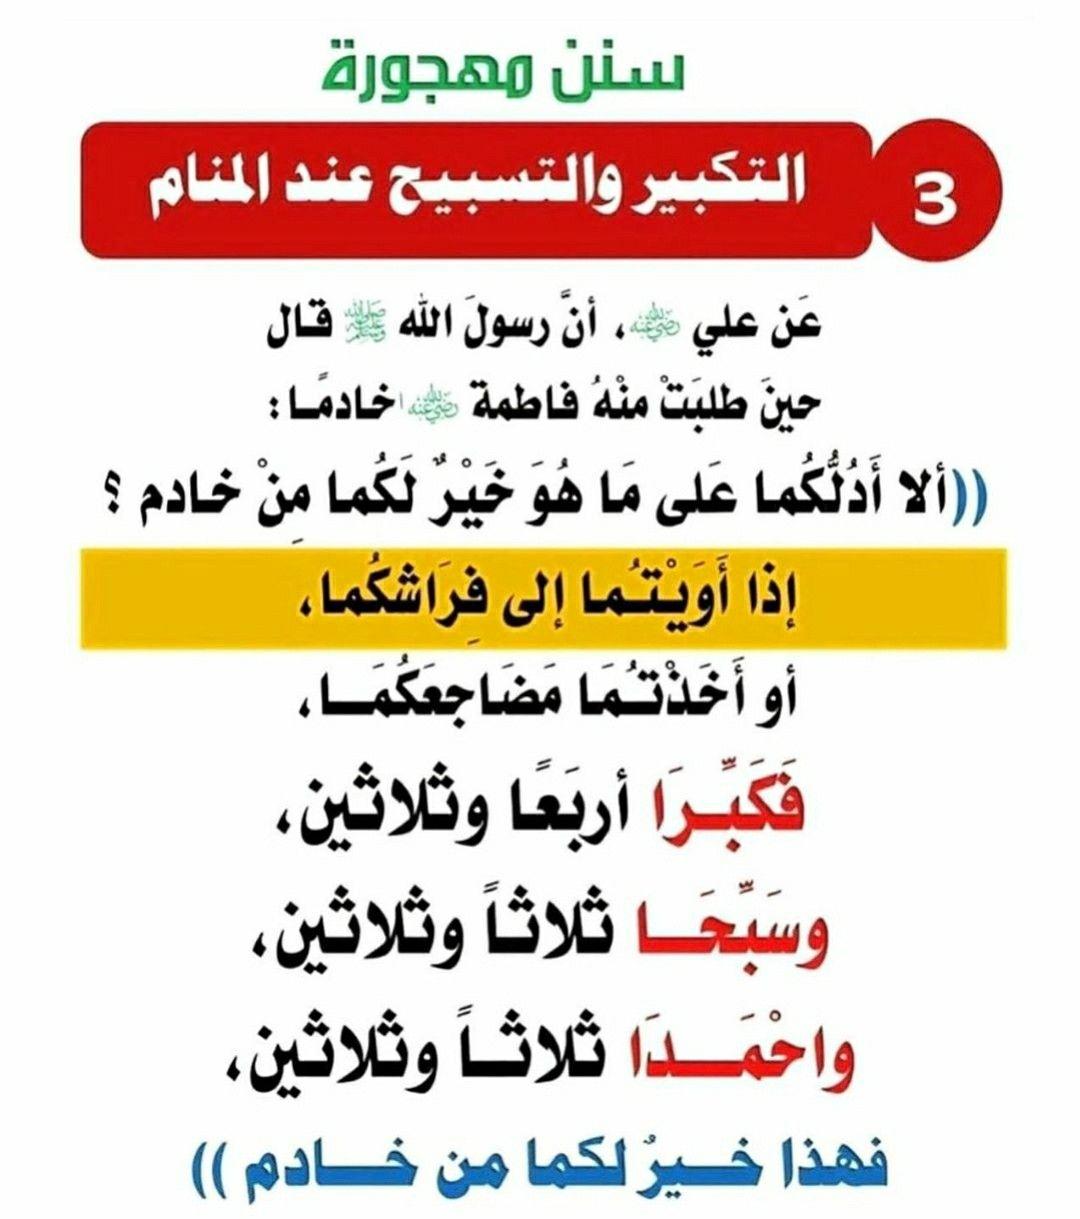 أحاديث الرسول صلى الله عليه وسلم Islam Life Math